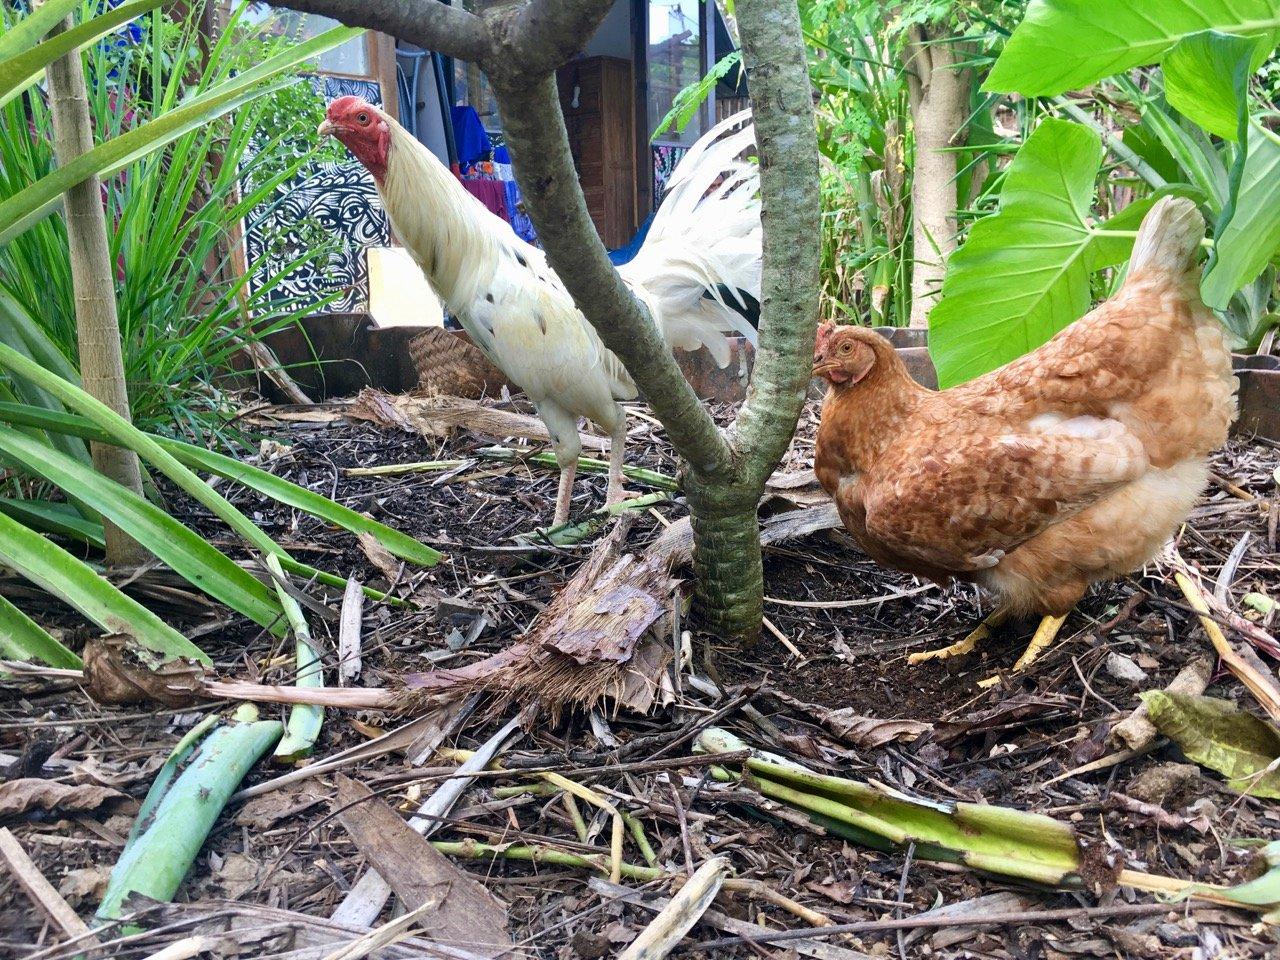 ฟาร์มสเตย์ไม้ไผ่สุดฮิป ใช้ชีวิตชิว ๆ อยู่กับสวนผัก และการเลี้ยงไก่